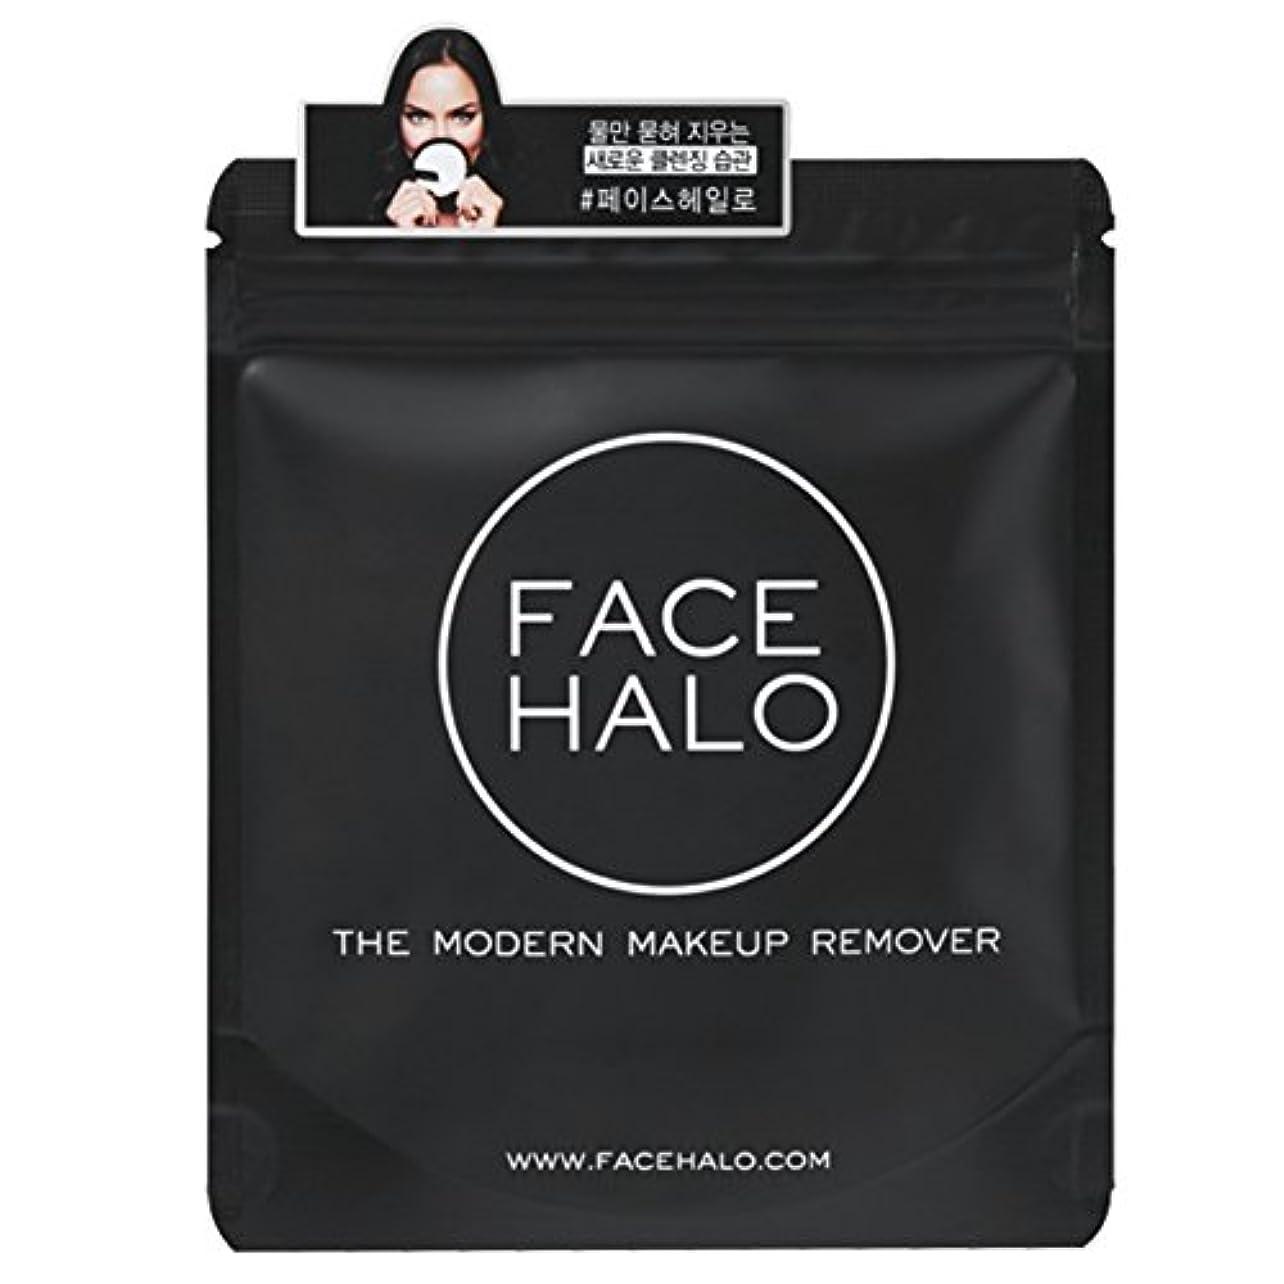 抵抗知っているに立ち寄る会員(顔ハロー) FACE HALO makeup remover, using water only 1 pieceメイクアップリムーバー、水のみ使用 1枚(並行輸入品) [並行輸入品]